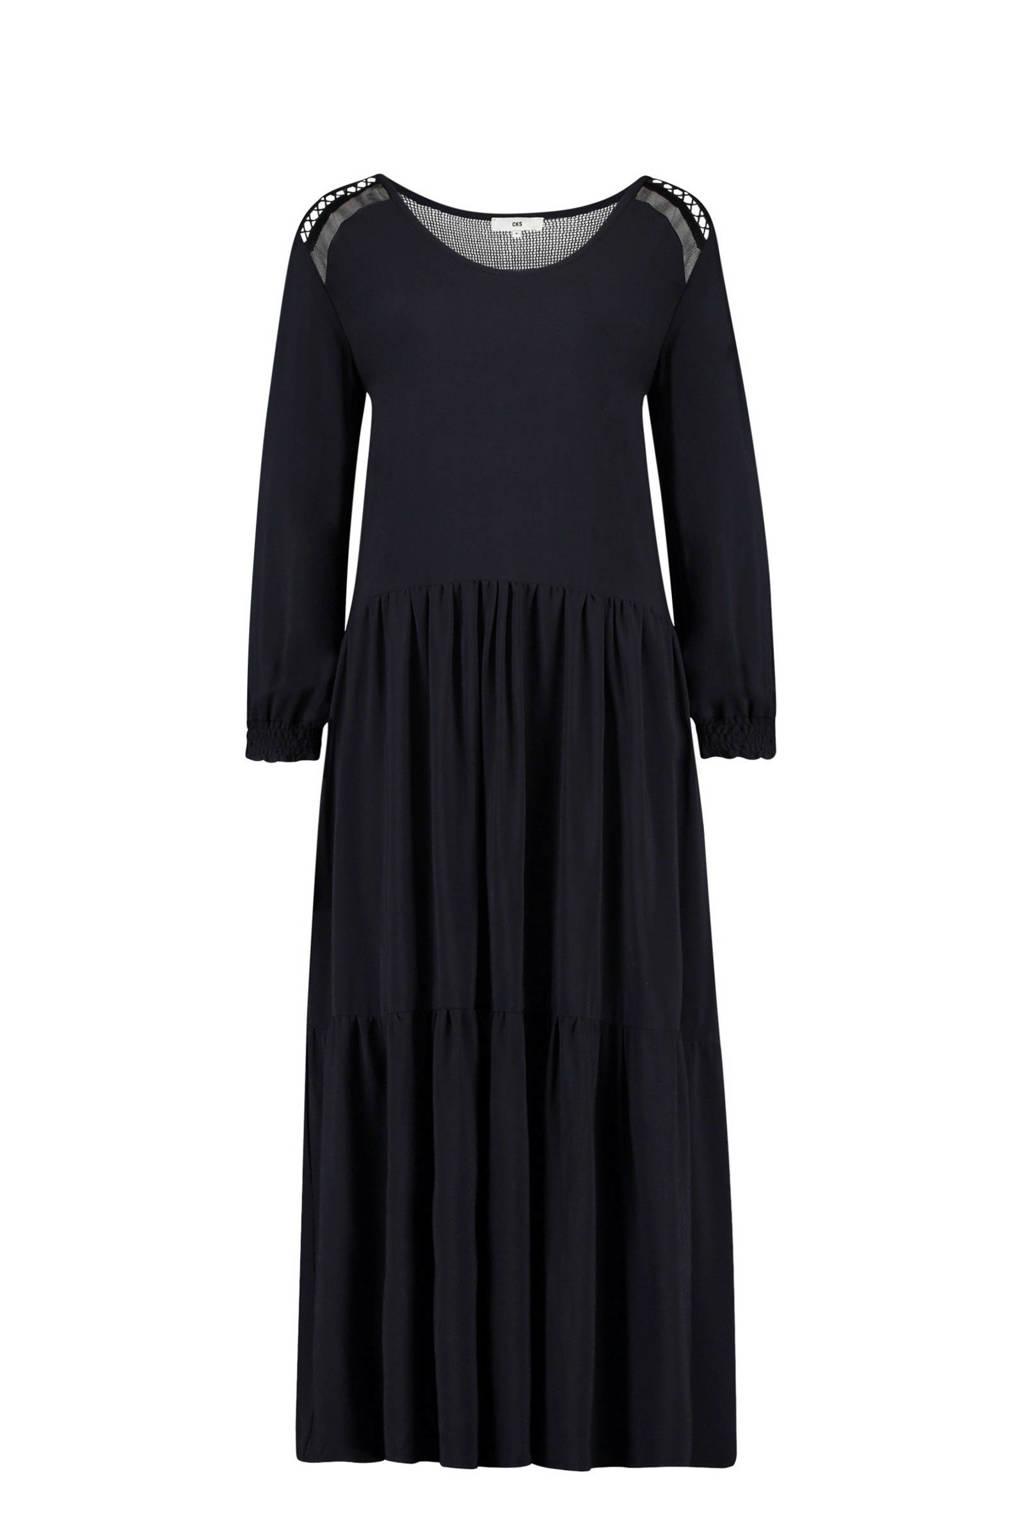 CKS Ellesse maxi jurk zwart, Zwart